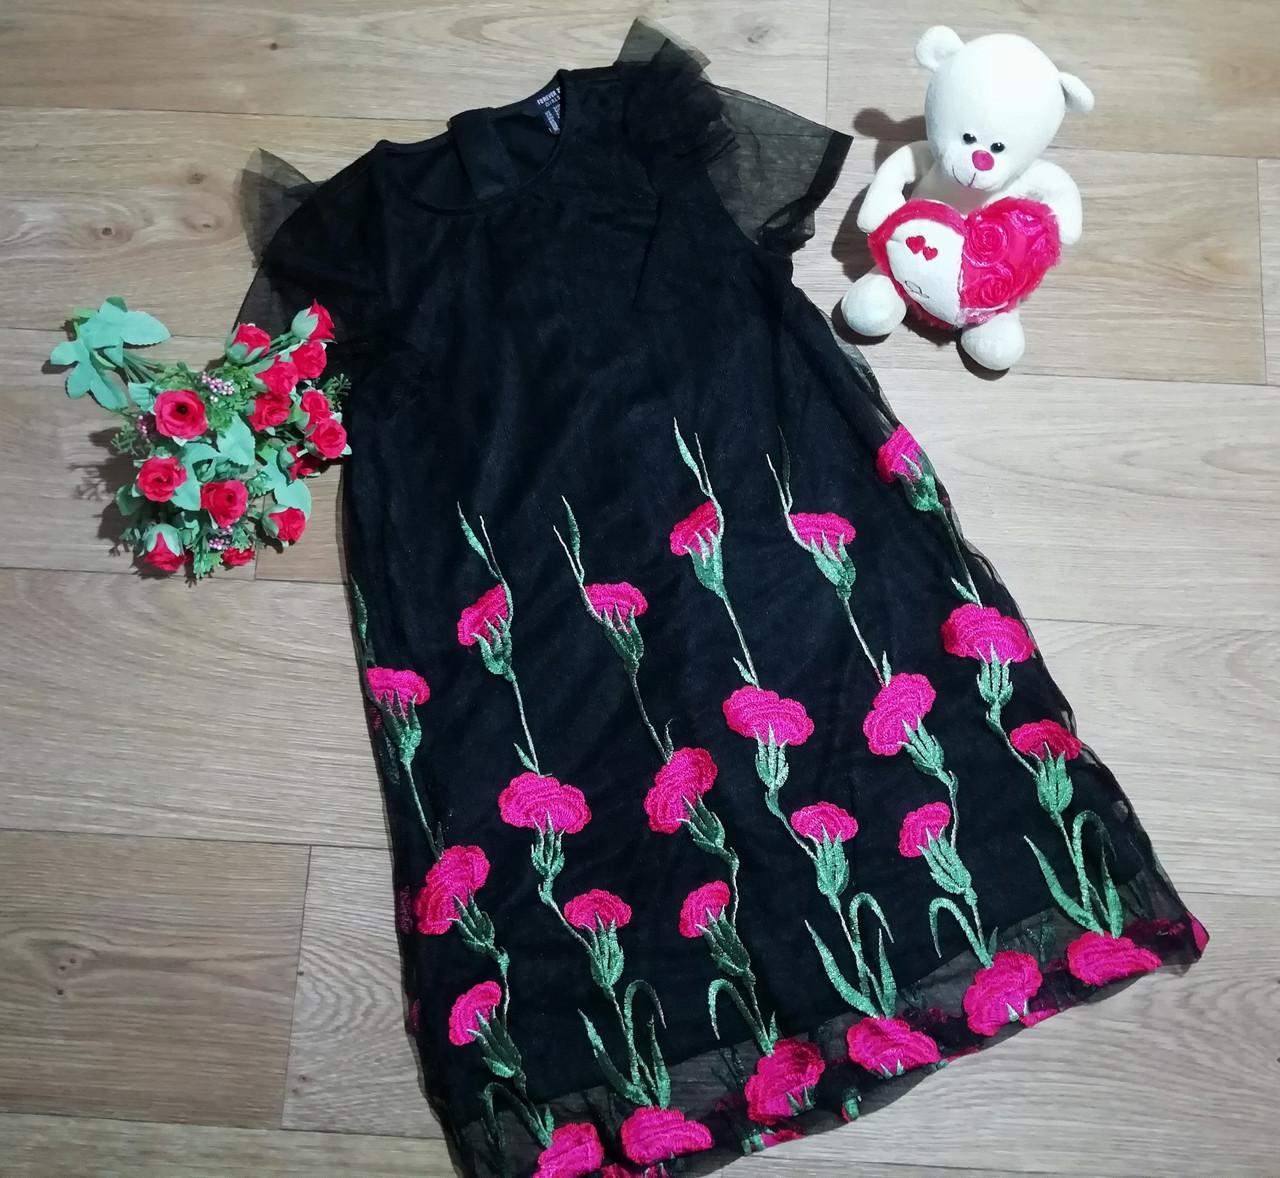 Нарядное черное платье на девочку с вышитыми цветами Forever21 (США) (Размер 9-10Т)